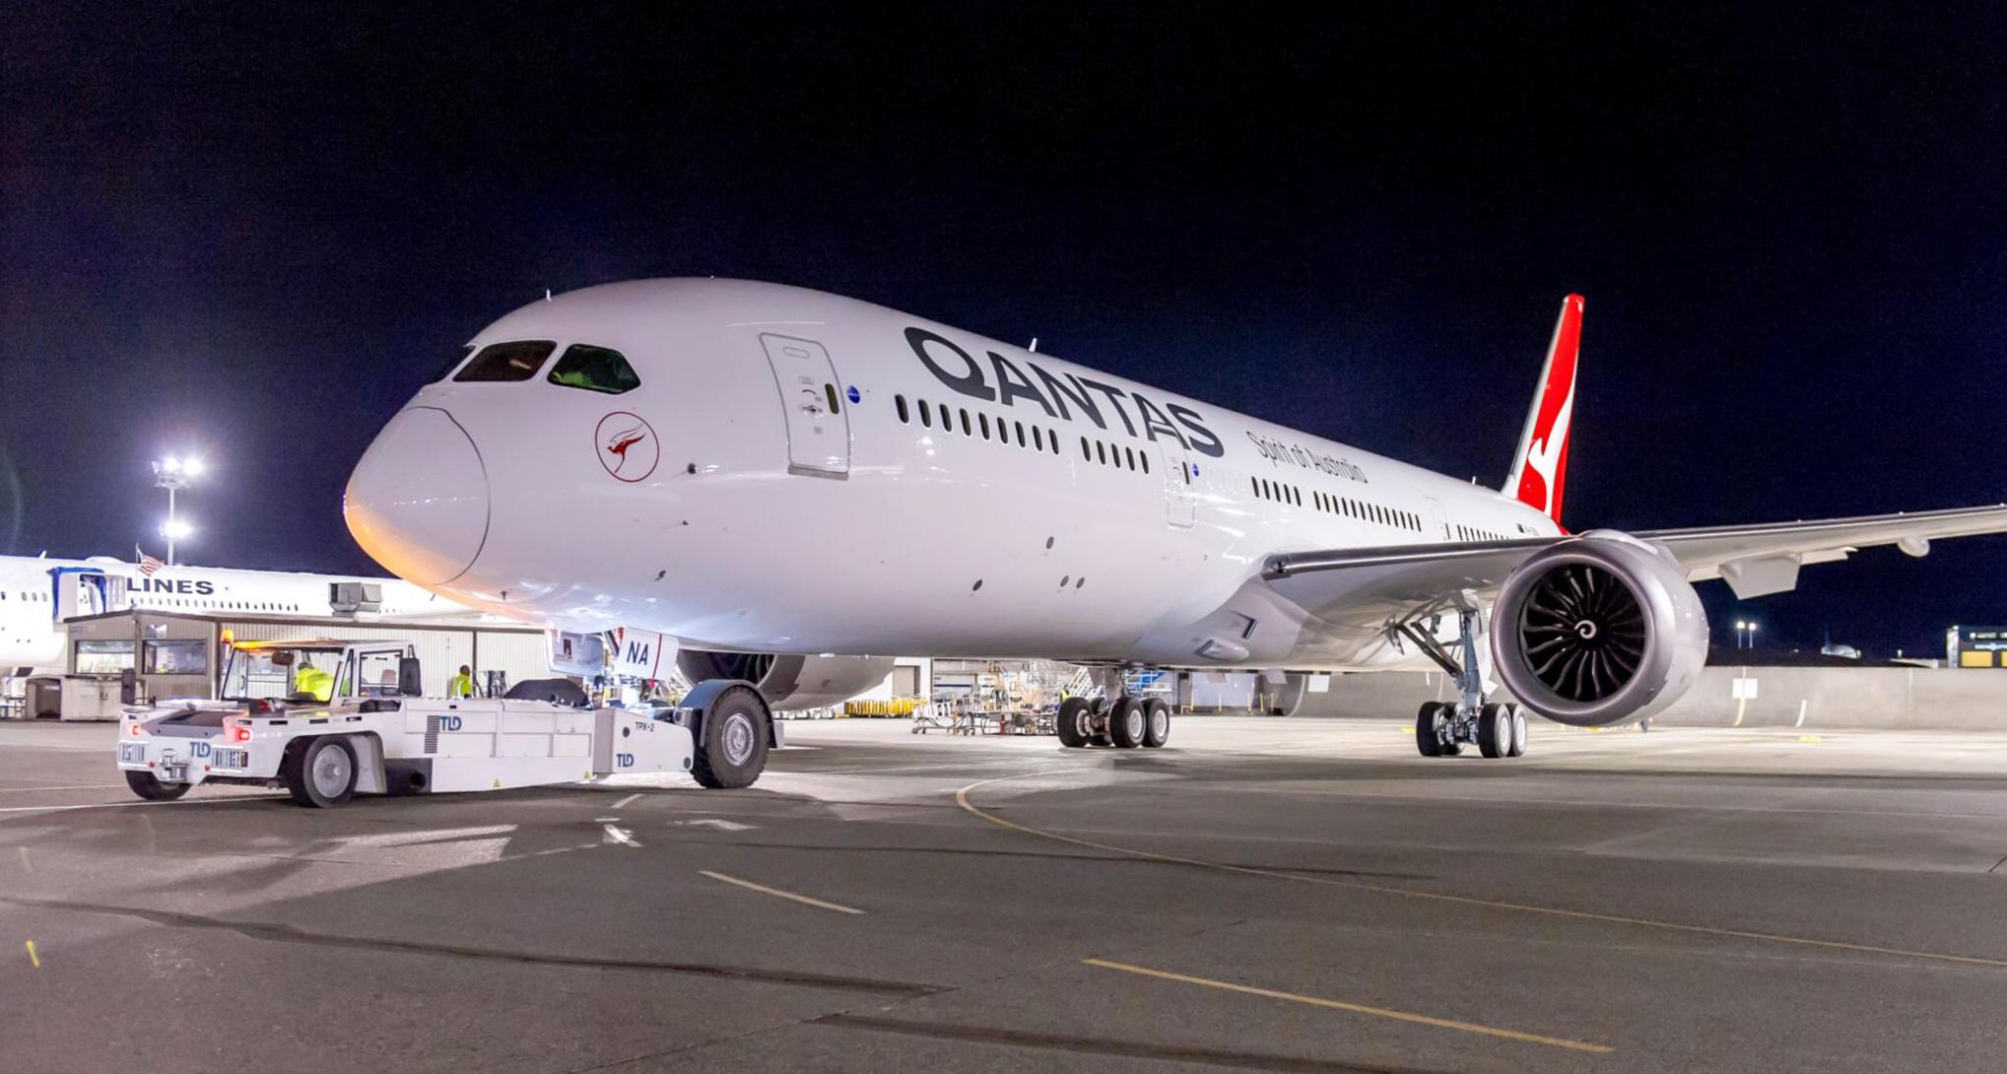 QF 789 (Qantas)